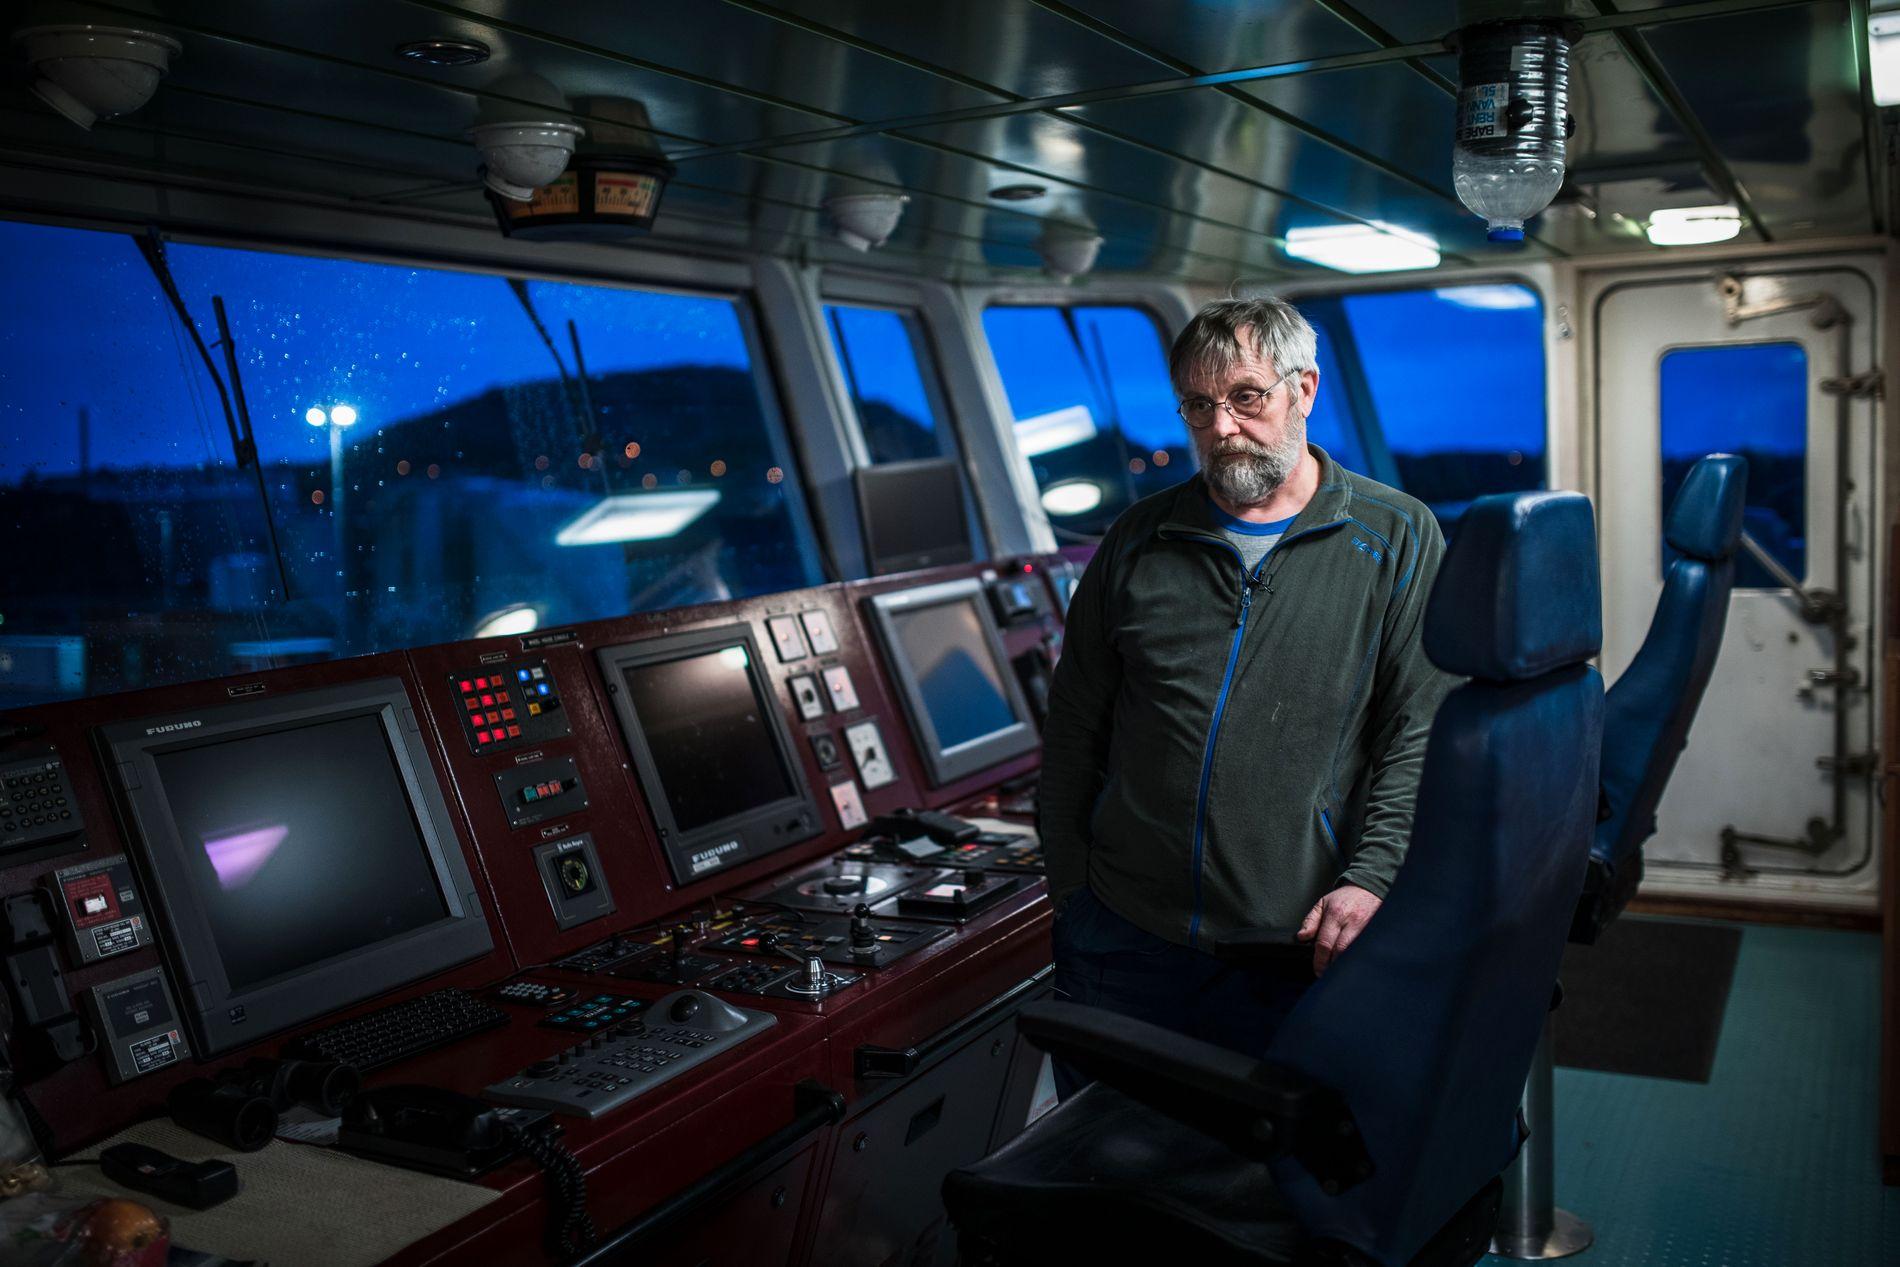 TILBAKE PÅ BROA: Kaptein Nils Kristiansen (60) forteller om dramatikken, og roser mannskapet for å beholde roen.